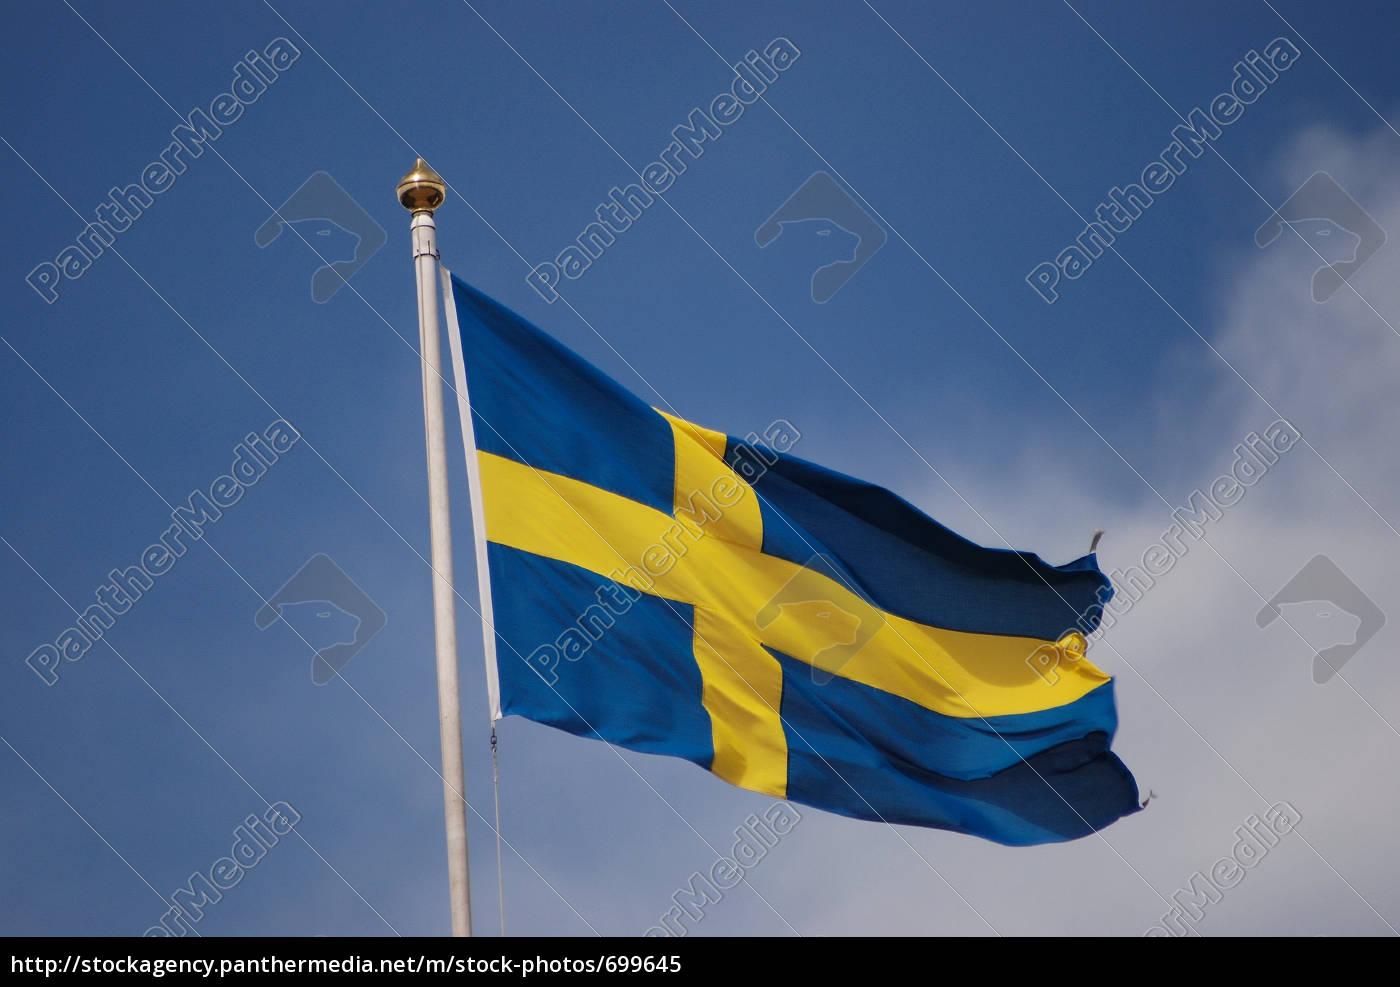 flag - 699645